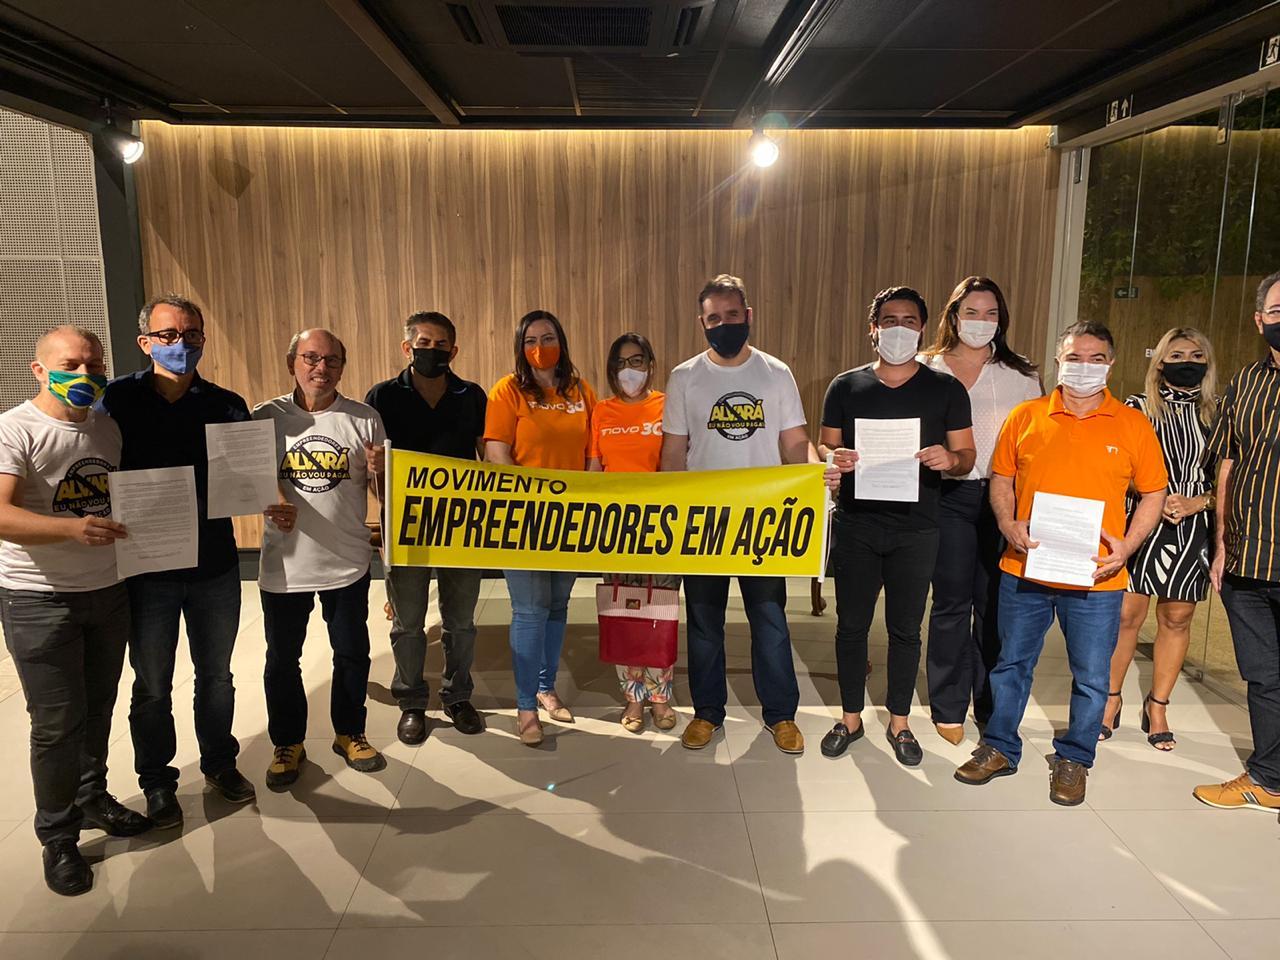 Candidatos assinam termo de compromisso em favor dos empreendedores de Fortaleza